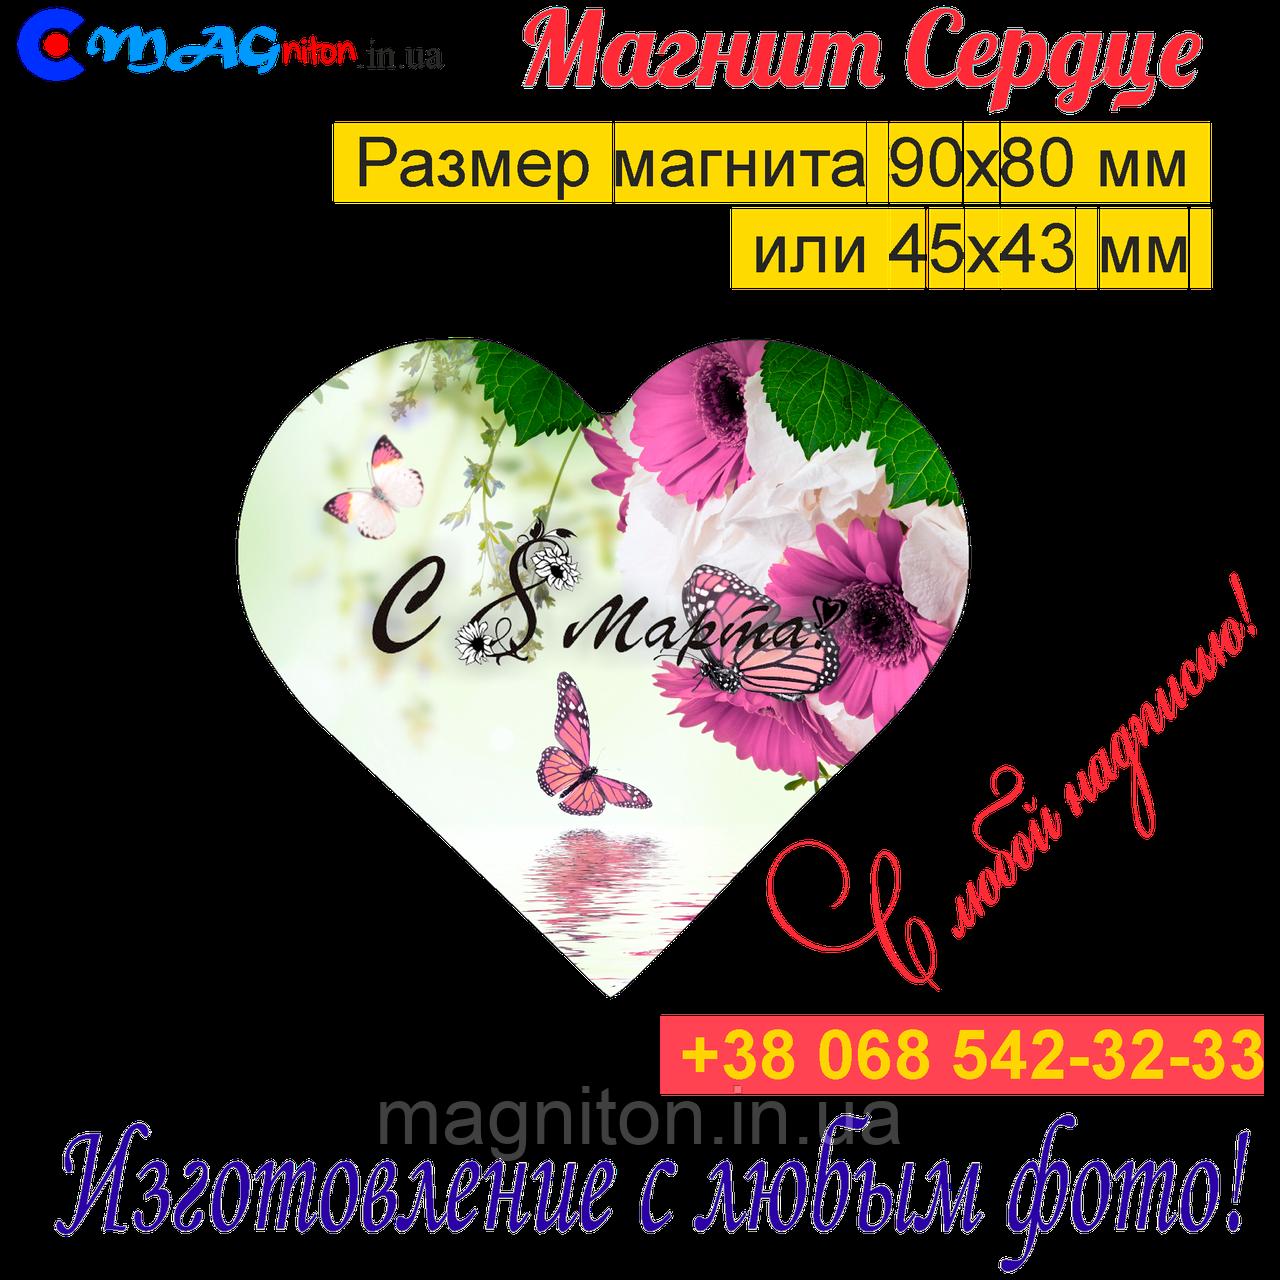 Магниты Сердце на холодильник 010. С 8 марта